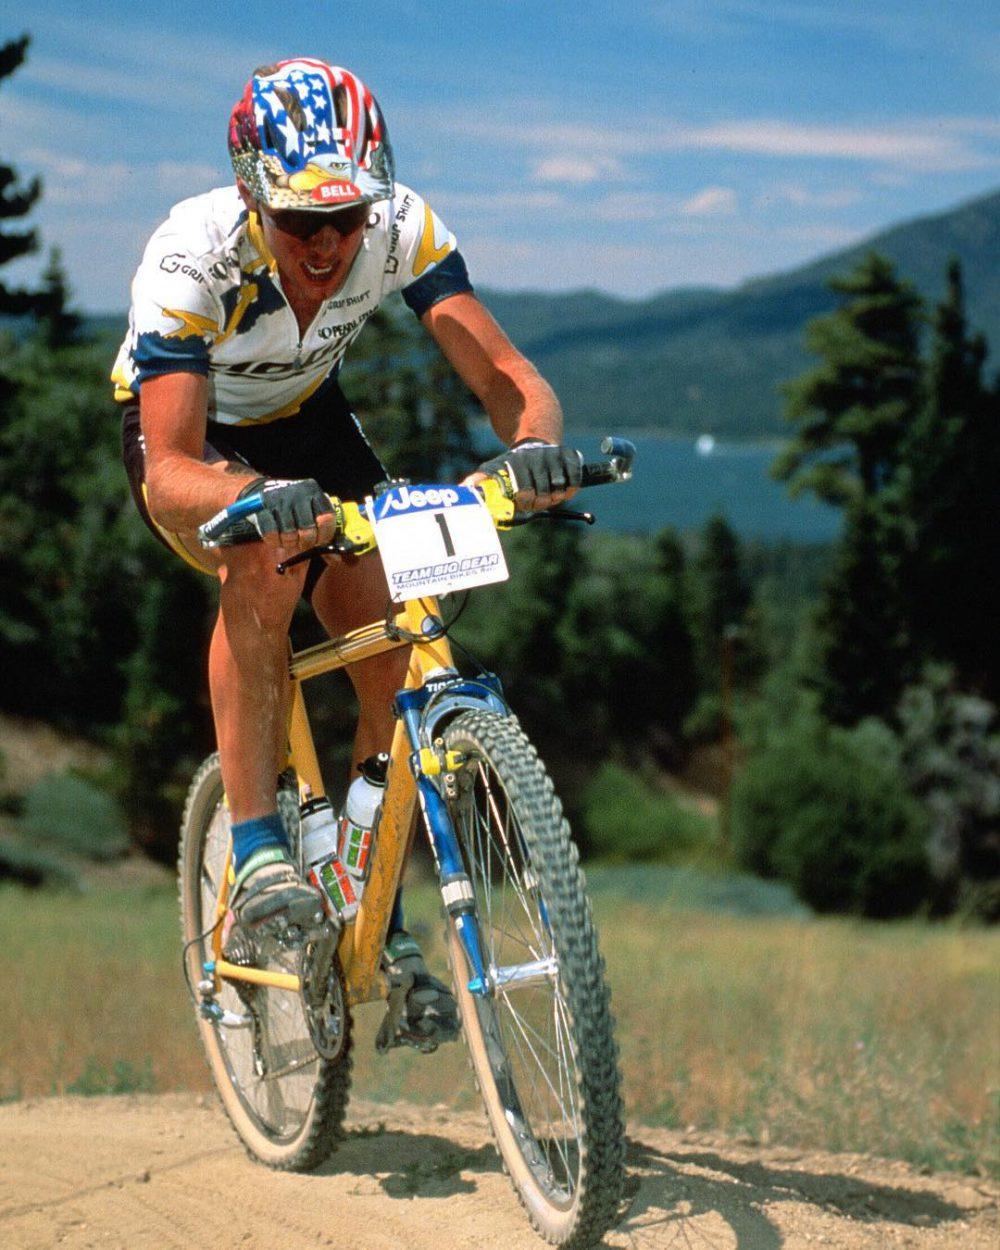 Michette & Biciclette since 2008